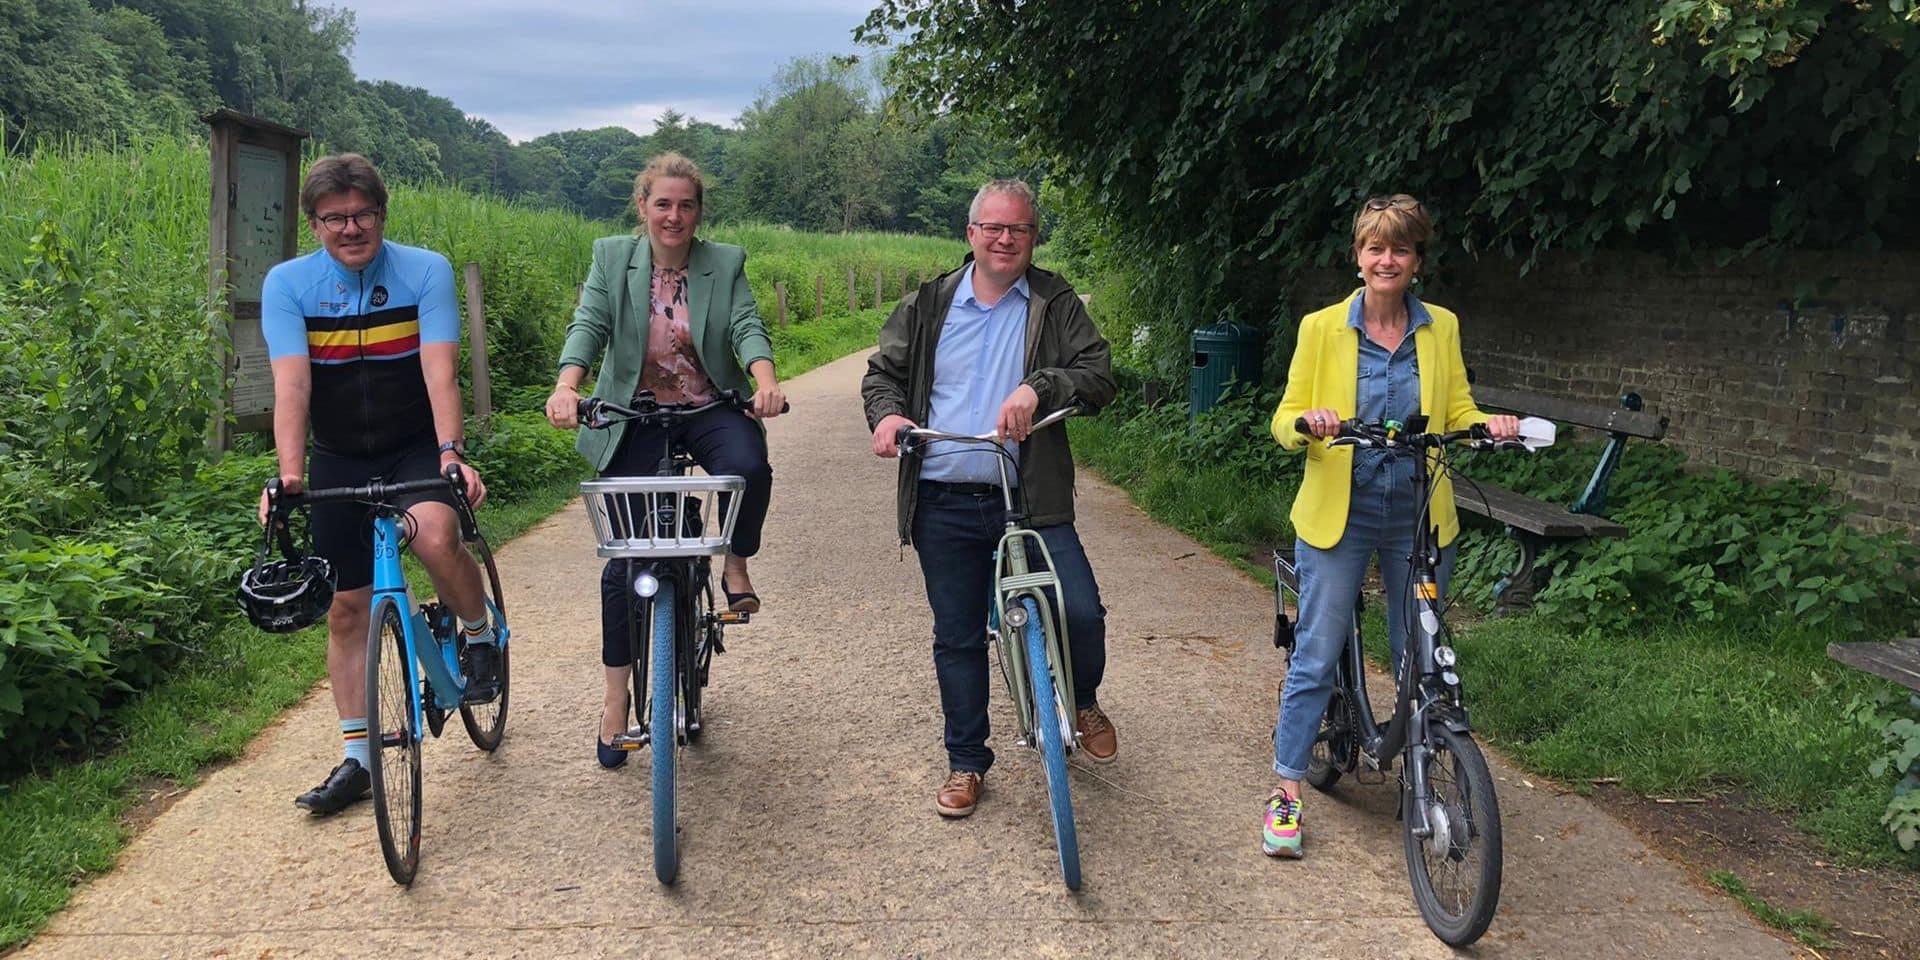 Des balades cyclistes pour découvrir Bruxelles et ses alentours cet été